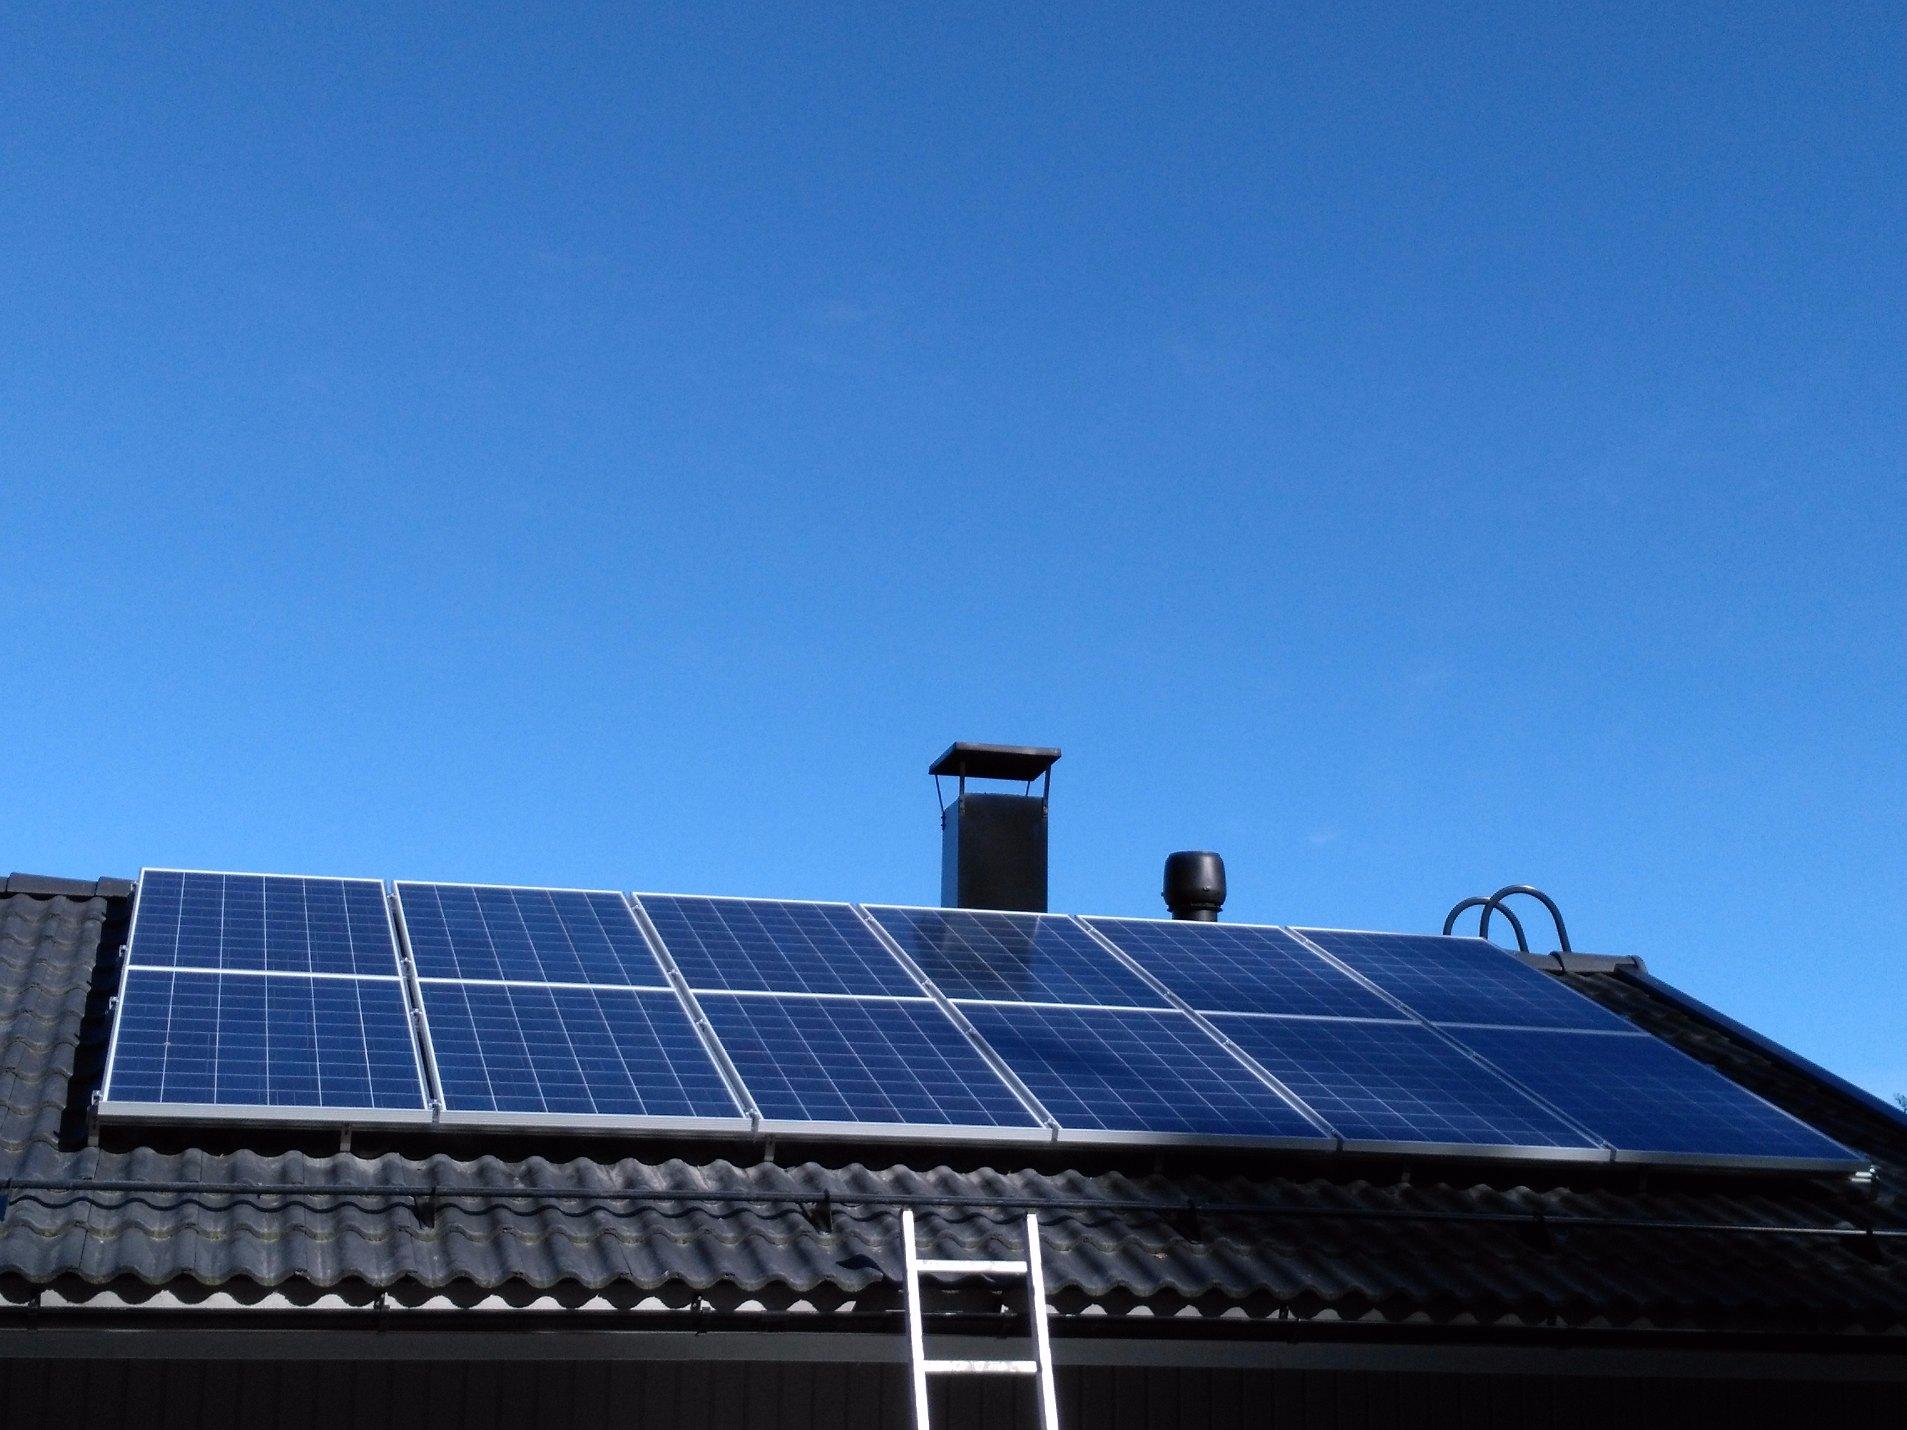 Aurinkosähköjärjestelmä 3.2kW Halikko